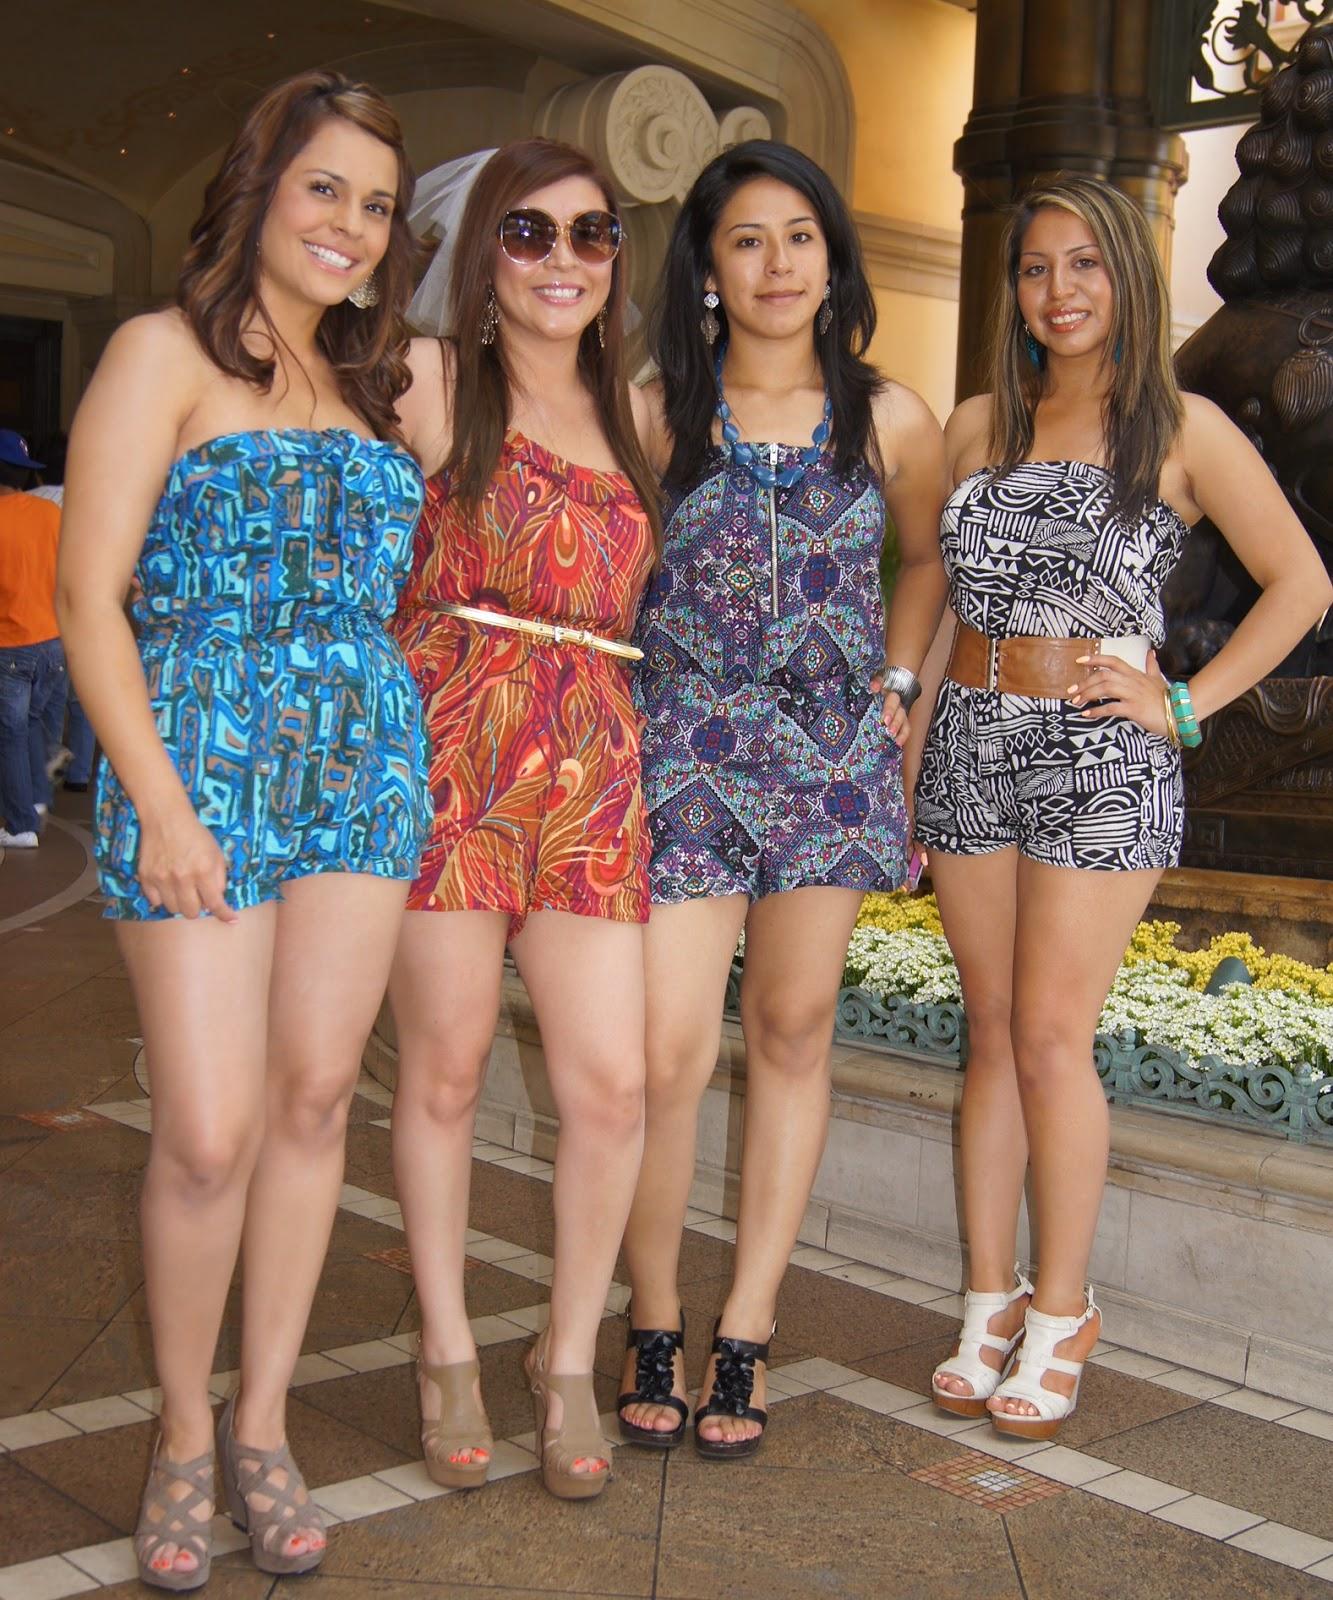 http://3.bp.blogspot.com/-YuCJC2kT6YY/TkGsrZh7tDI/AAAAAAAAIto/k8sUdZQ3KVI/s1600/Jacob+Family+Reunion+2011+Las+Vegas+207.JPG